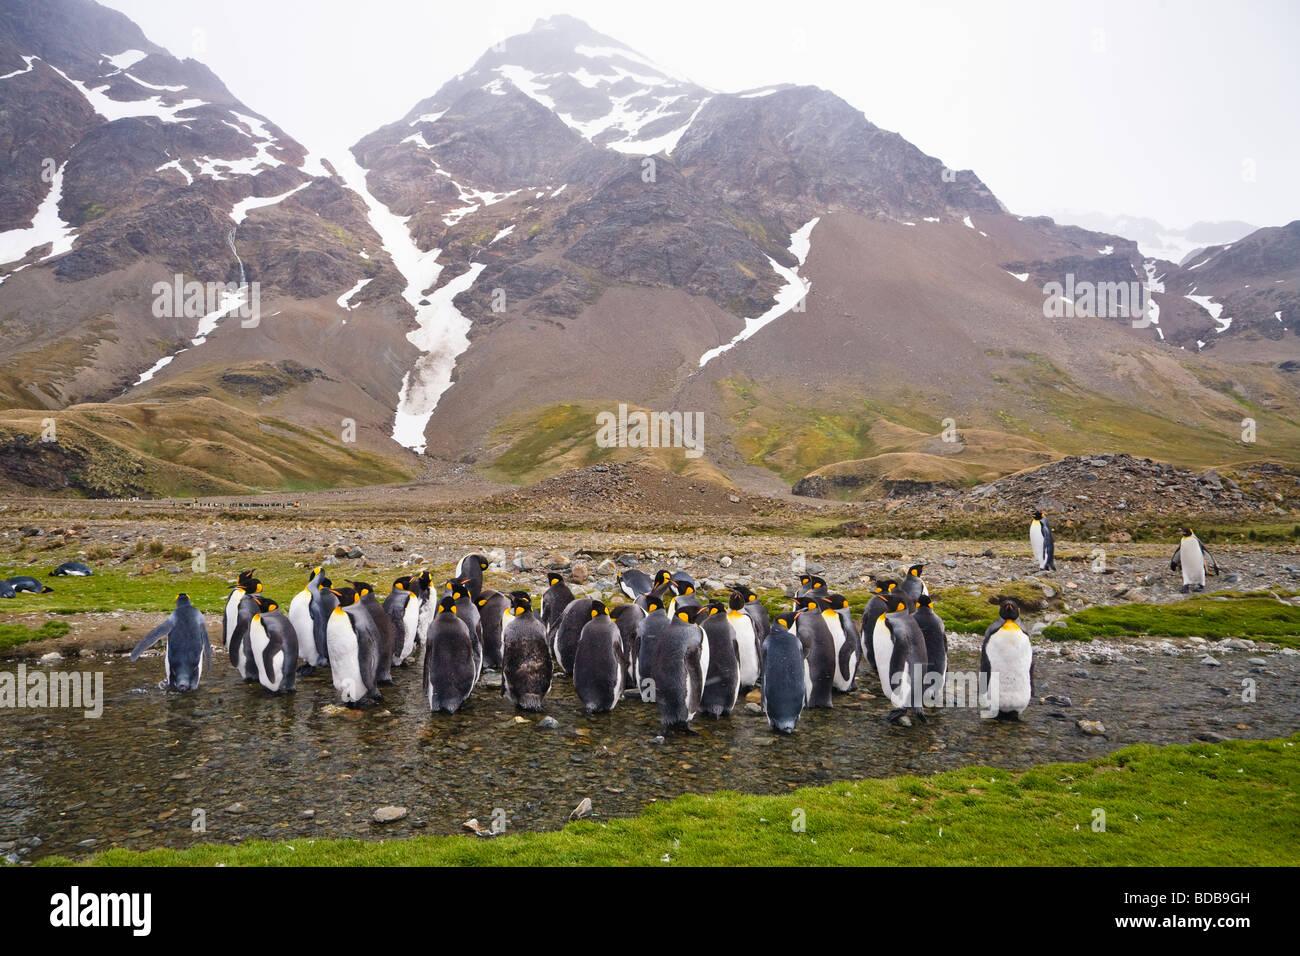 Le manchot royal Aptenodytes patagonicus Fortuna Bay Géorgie du Sud Antarctique Banque D'Images